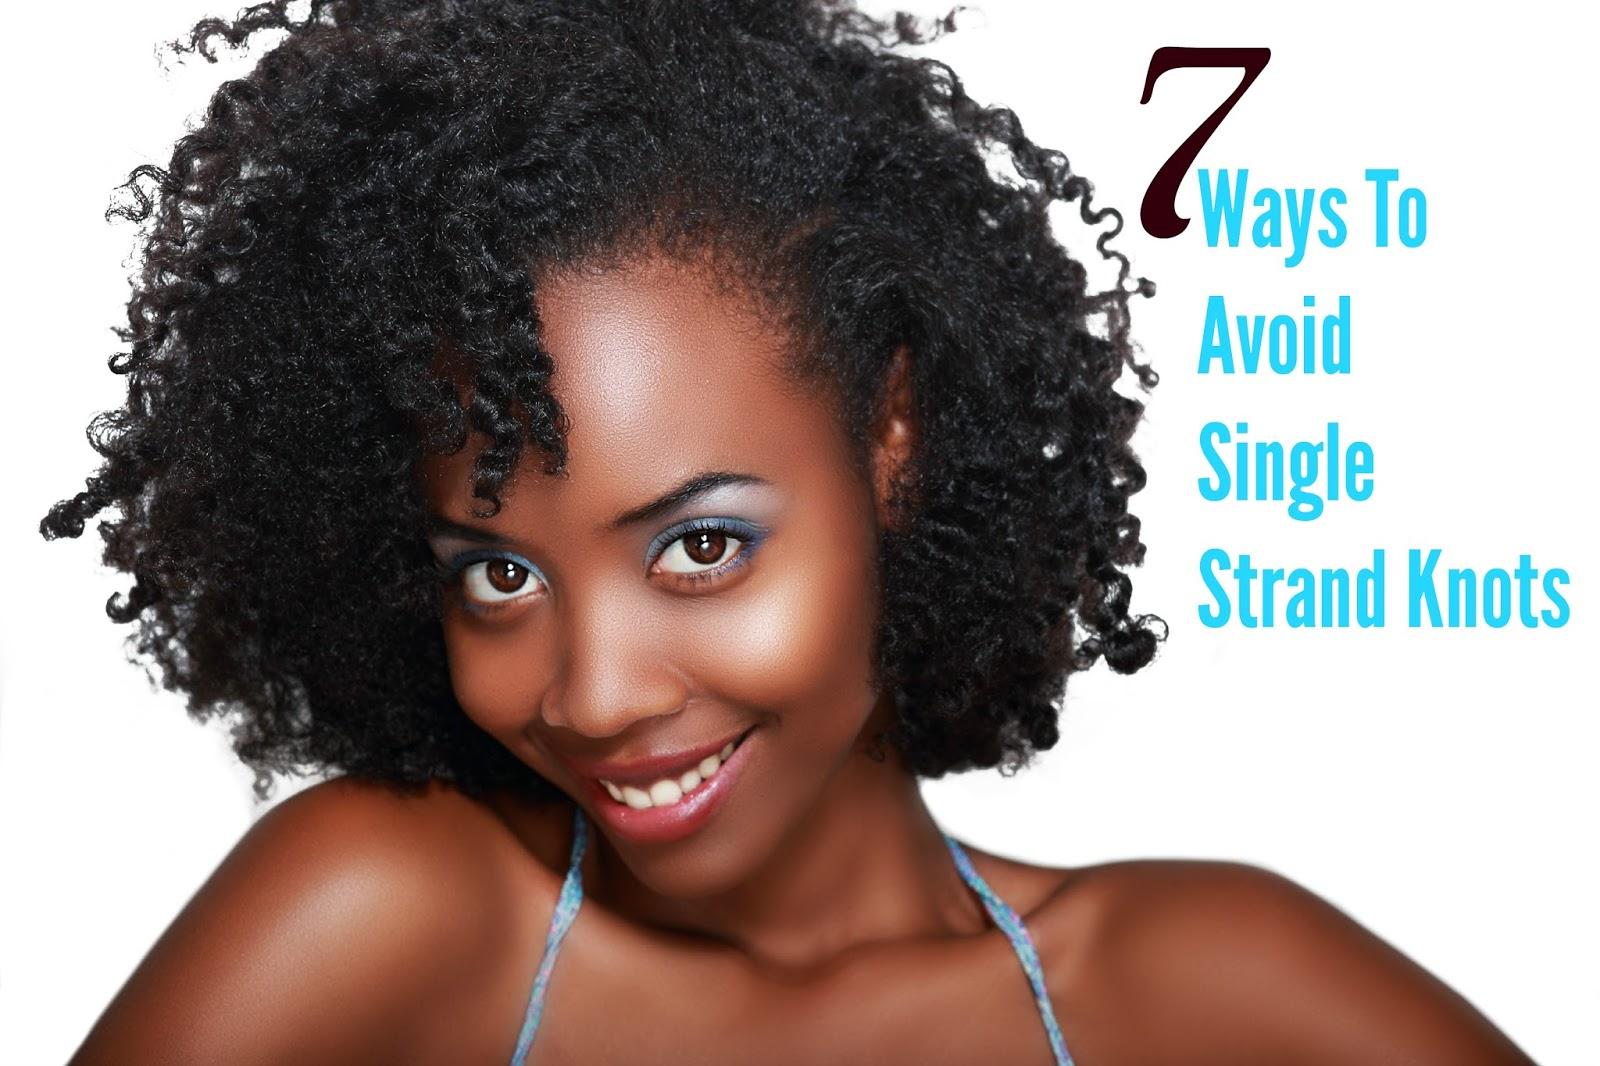 7 Ways To Avoid Single Strand Knots